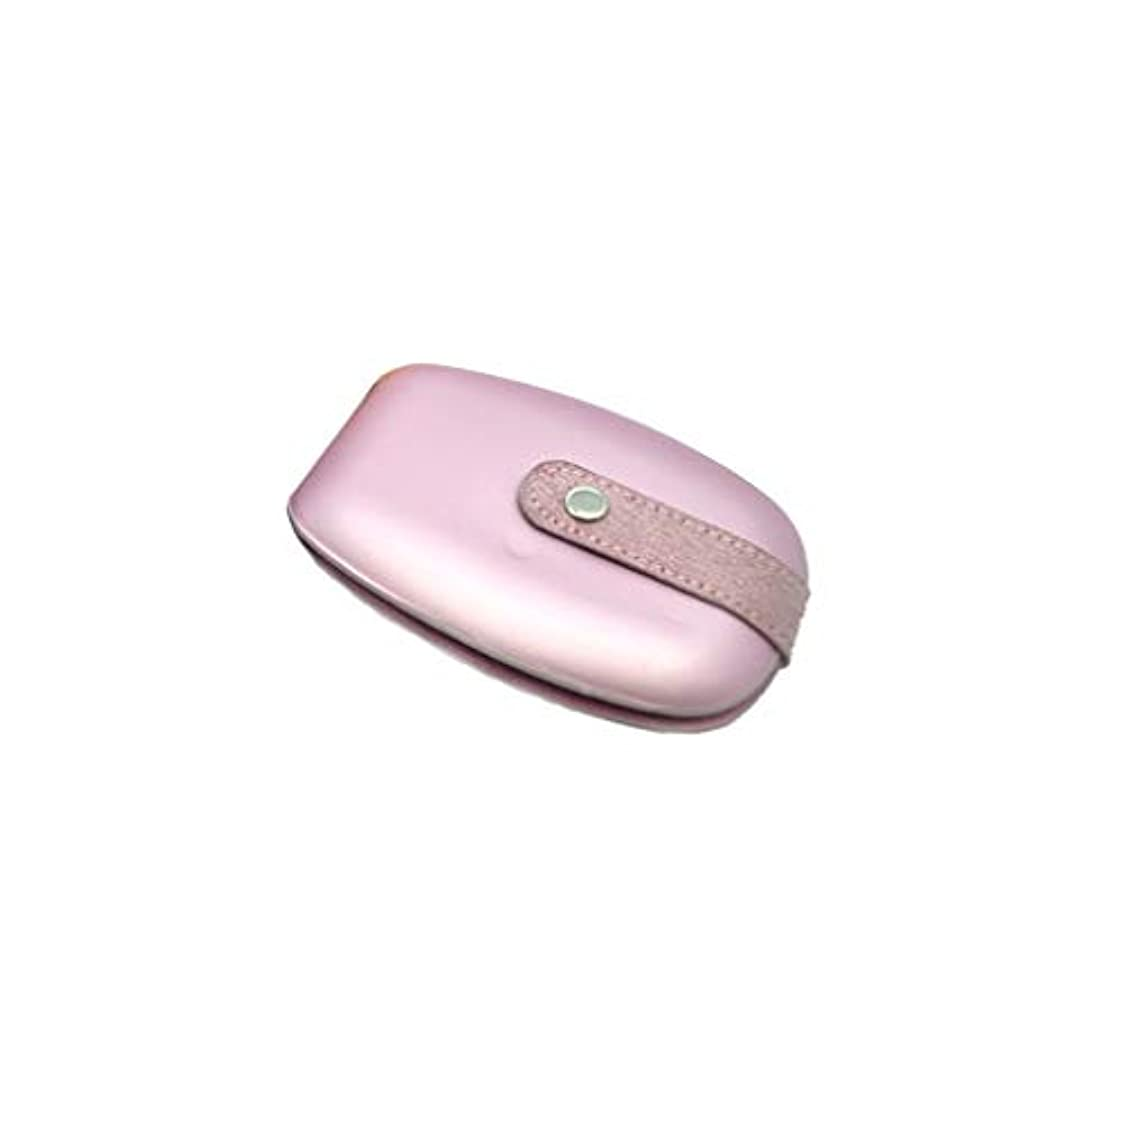 元気なきしむご注意ペディキュアマニキュアセットネイルケアはさみ旅行セットネイルツール (Color : C)